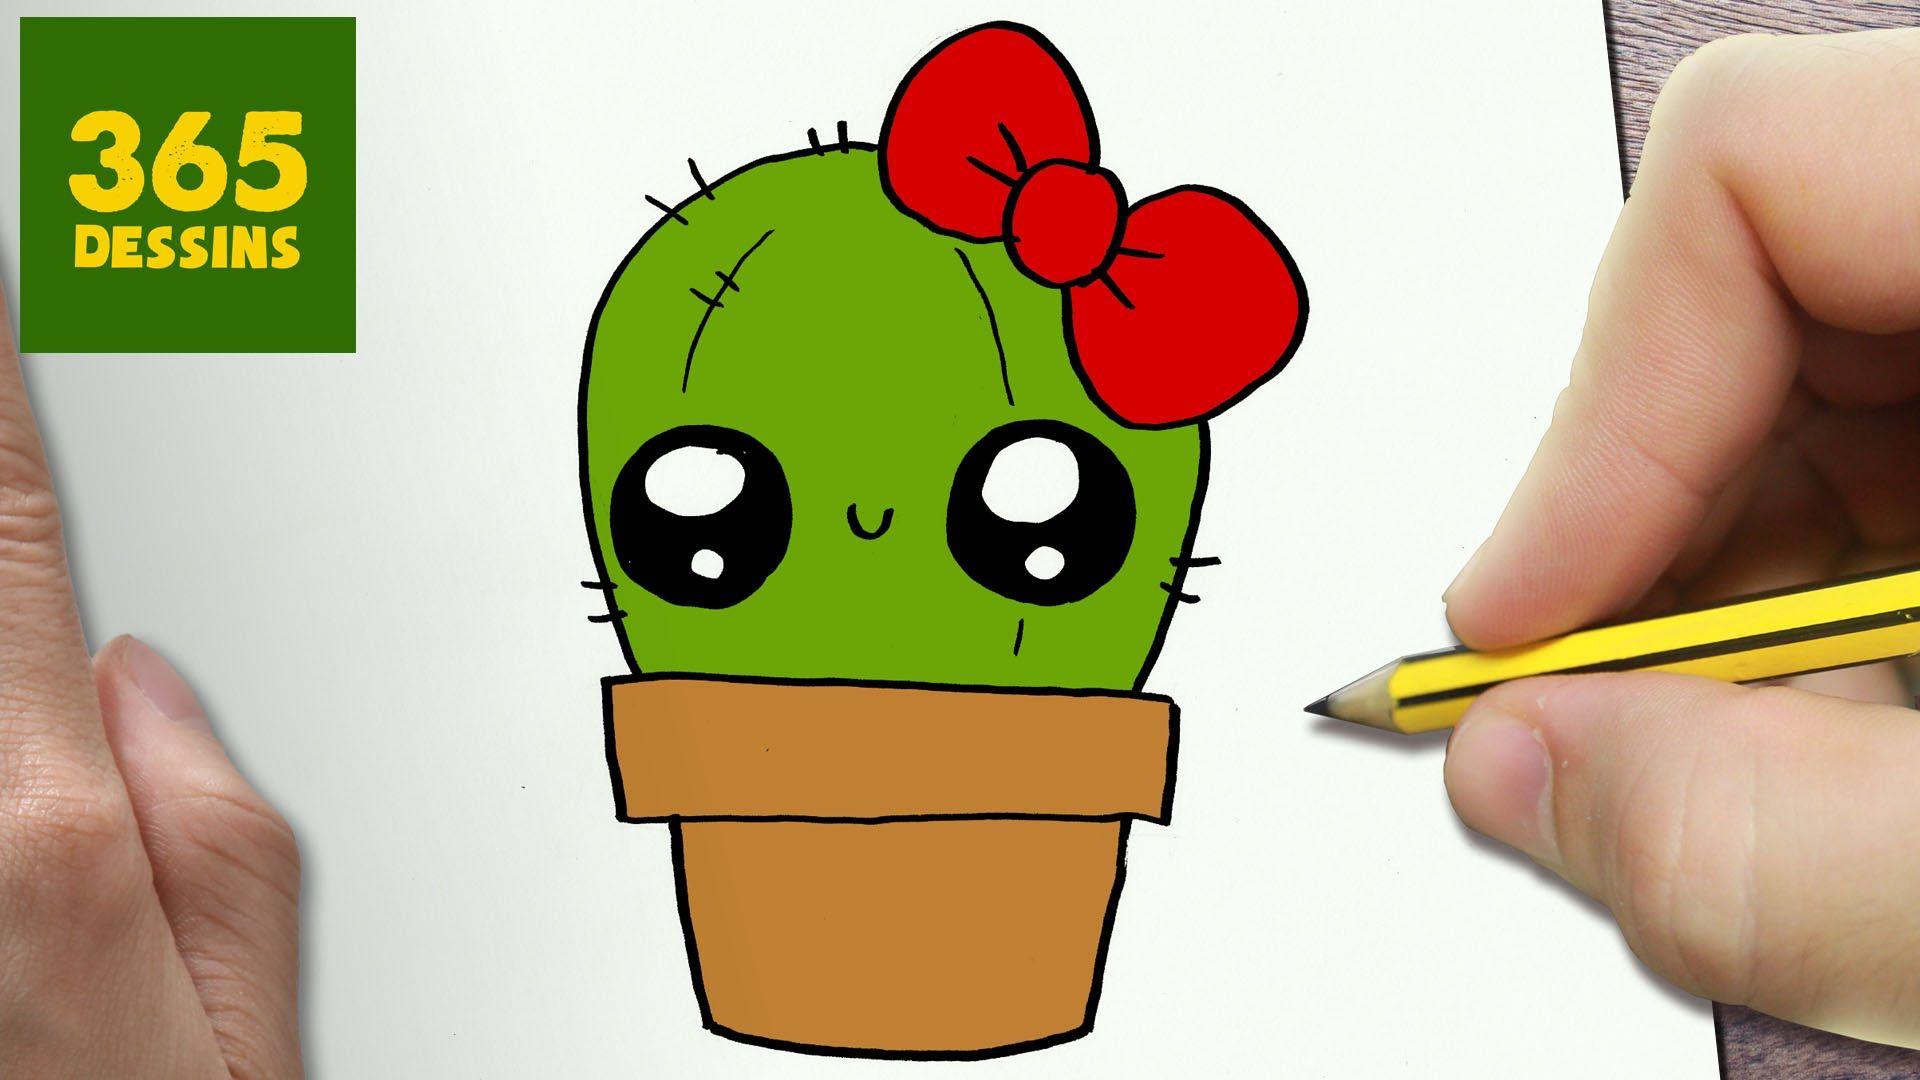 Comment Dessiner Cactus Kawaii Etape Par Etape Dessins Kawaii Dessin Kawaii 365 Dessins Kawaii